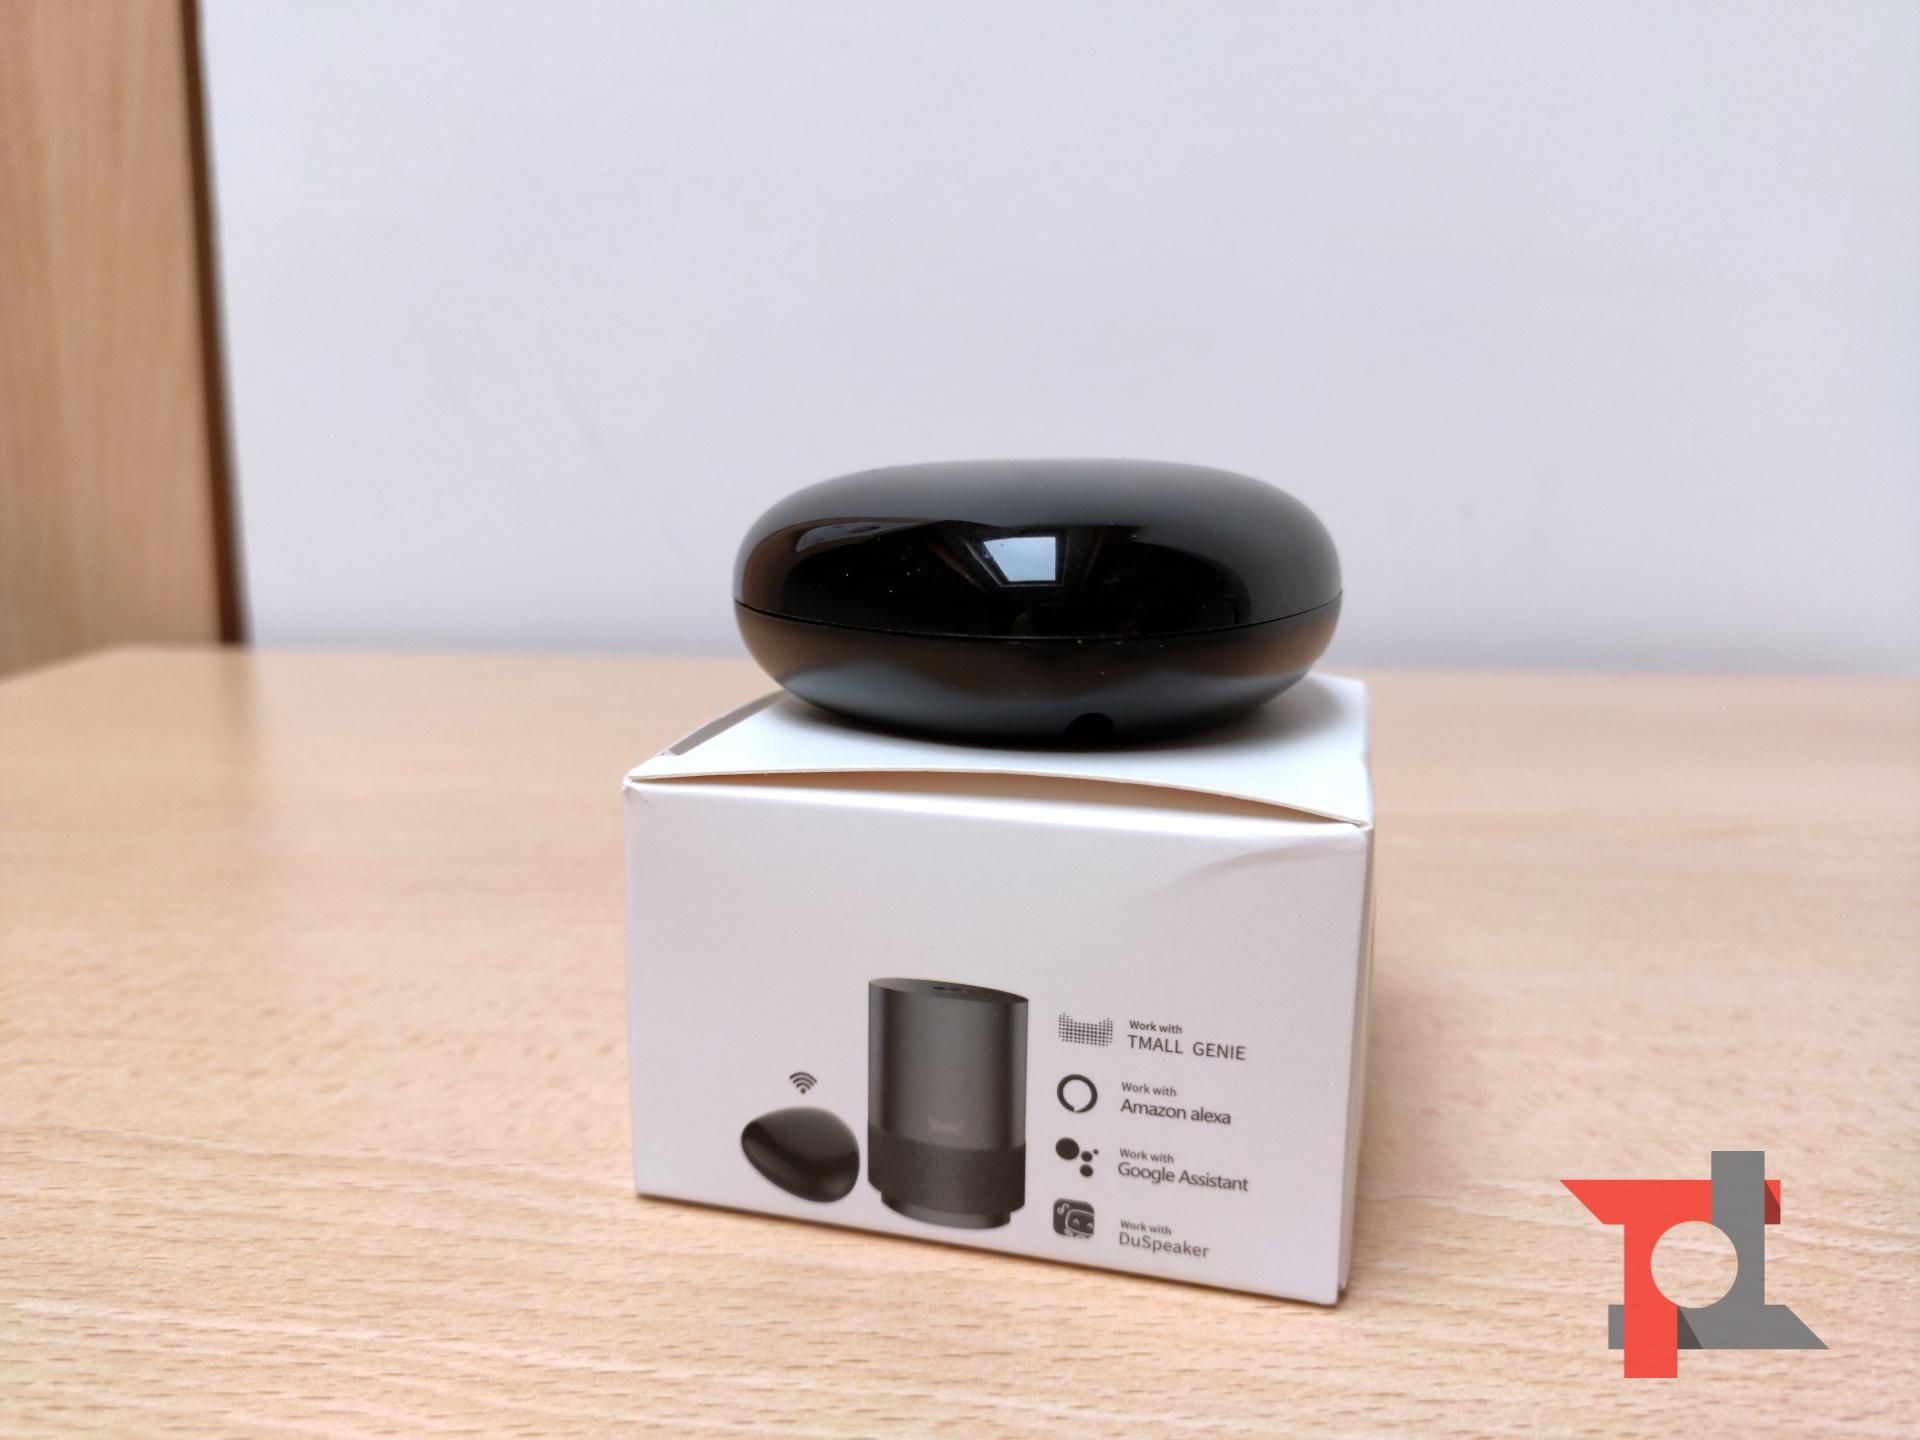 Abbiamo provato quattro gadget che rendono intelligente la vostra casa 11